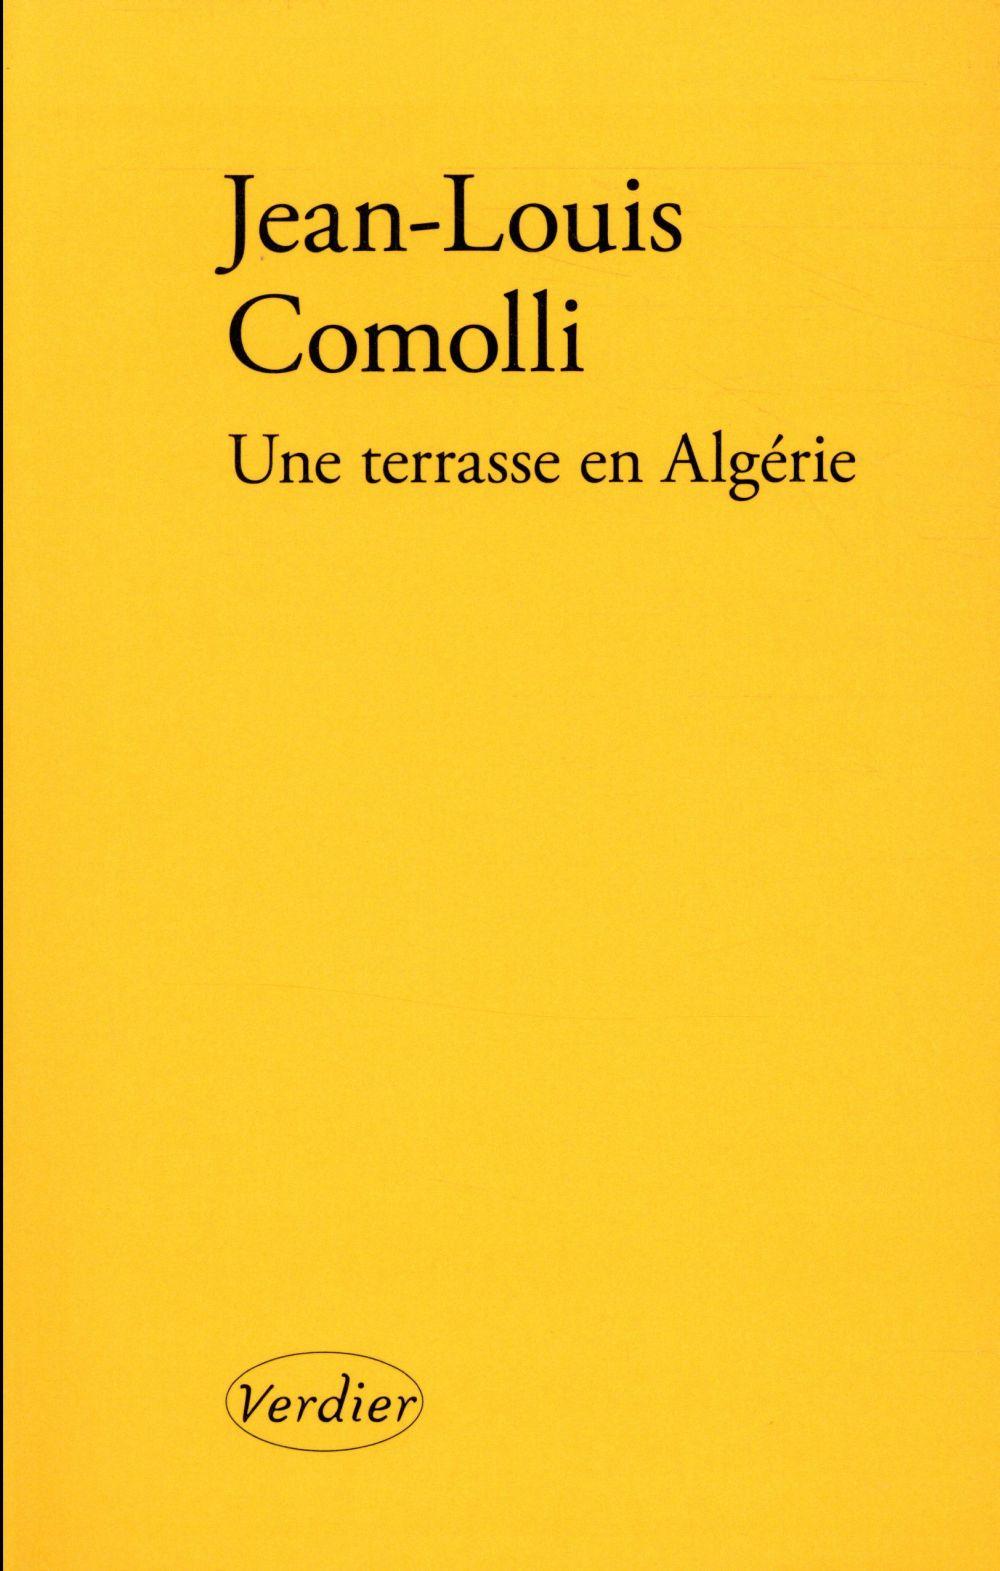 UNE TERRASSE EN ALGERIE